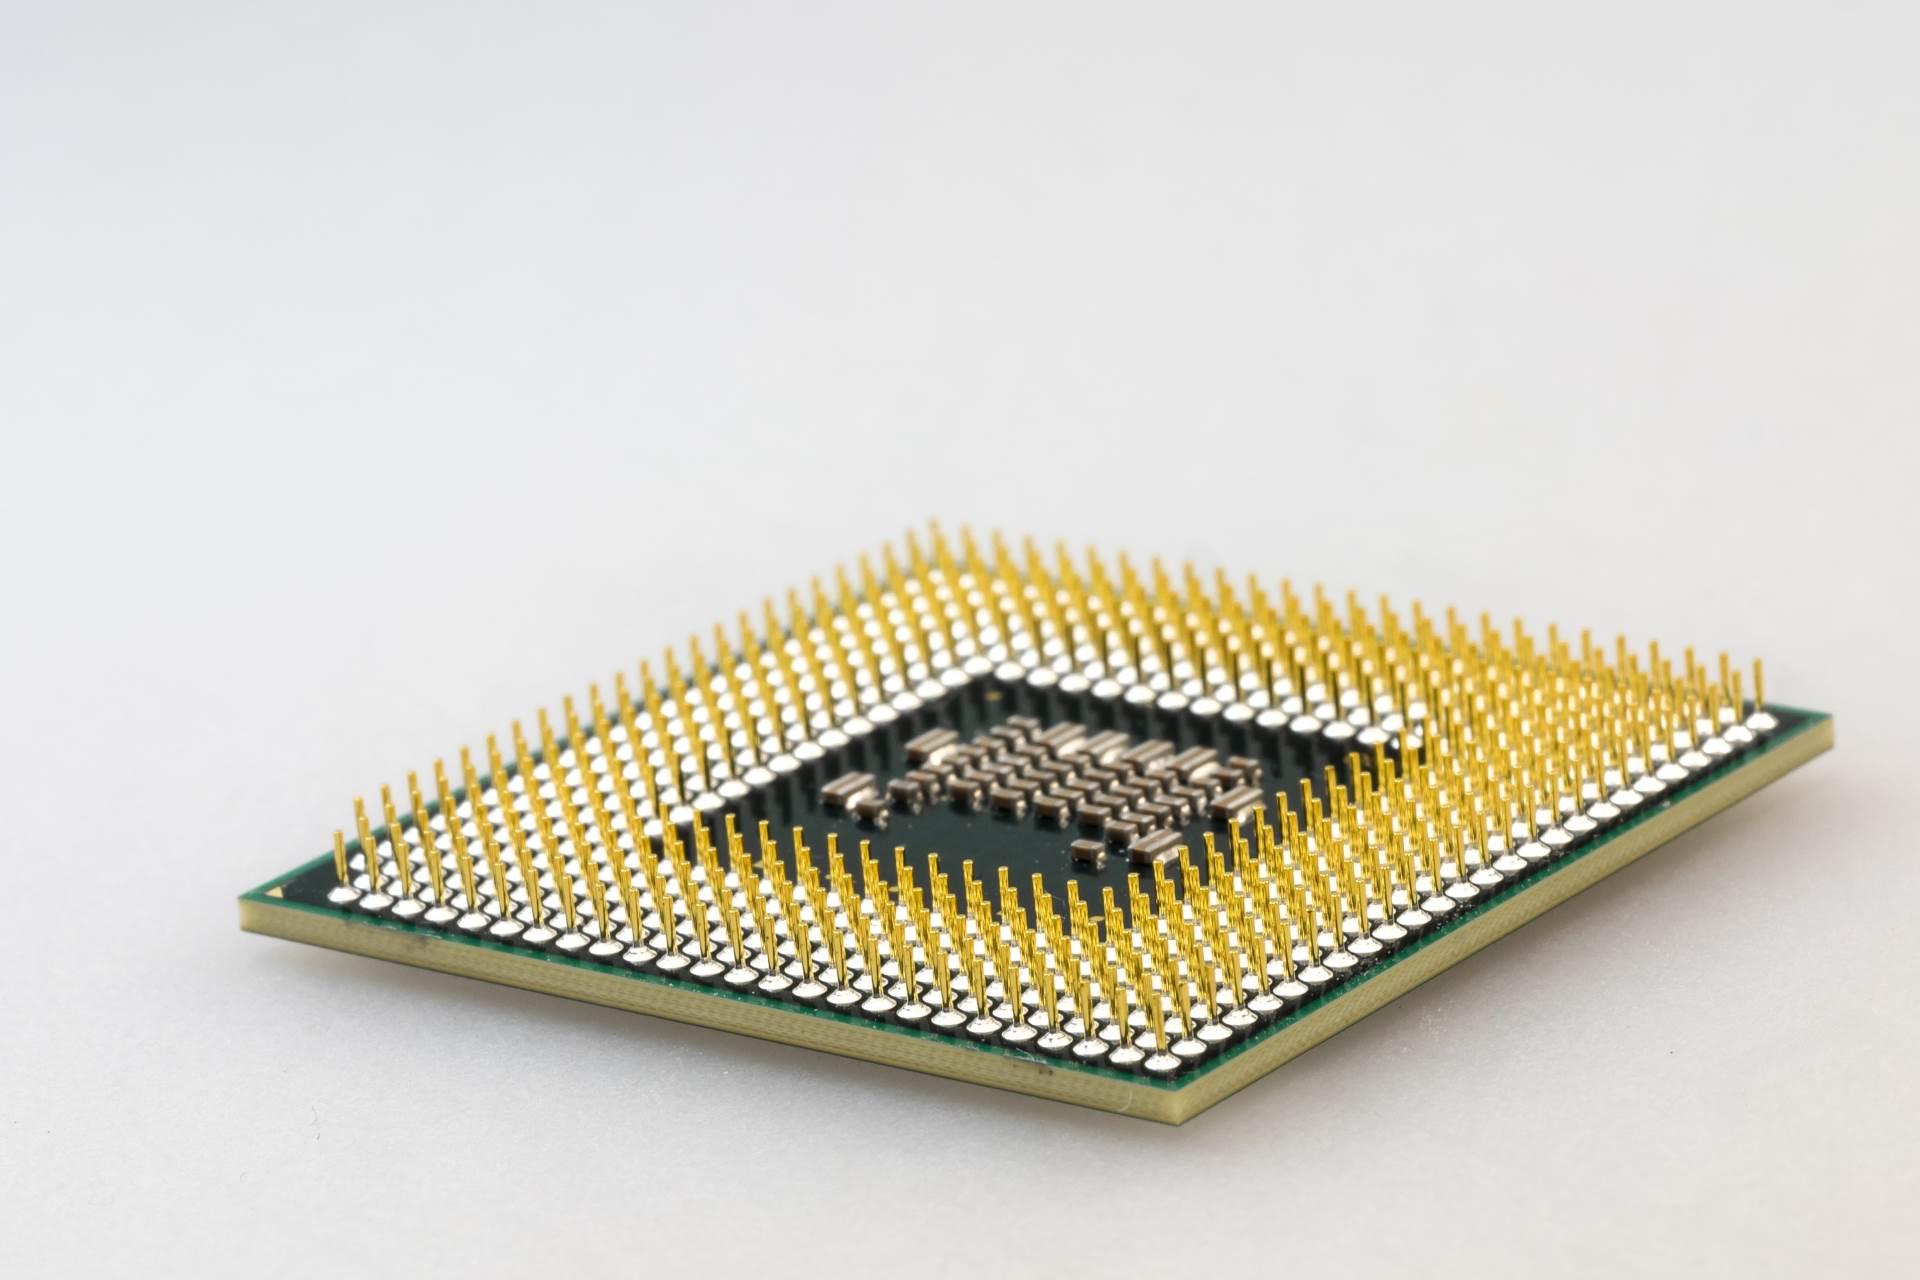 AMD procesor sa čipovima